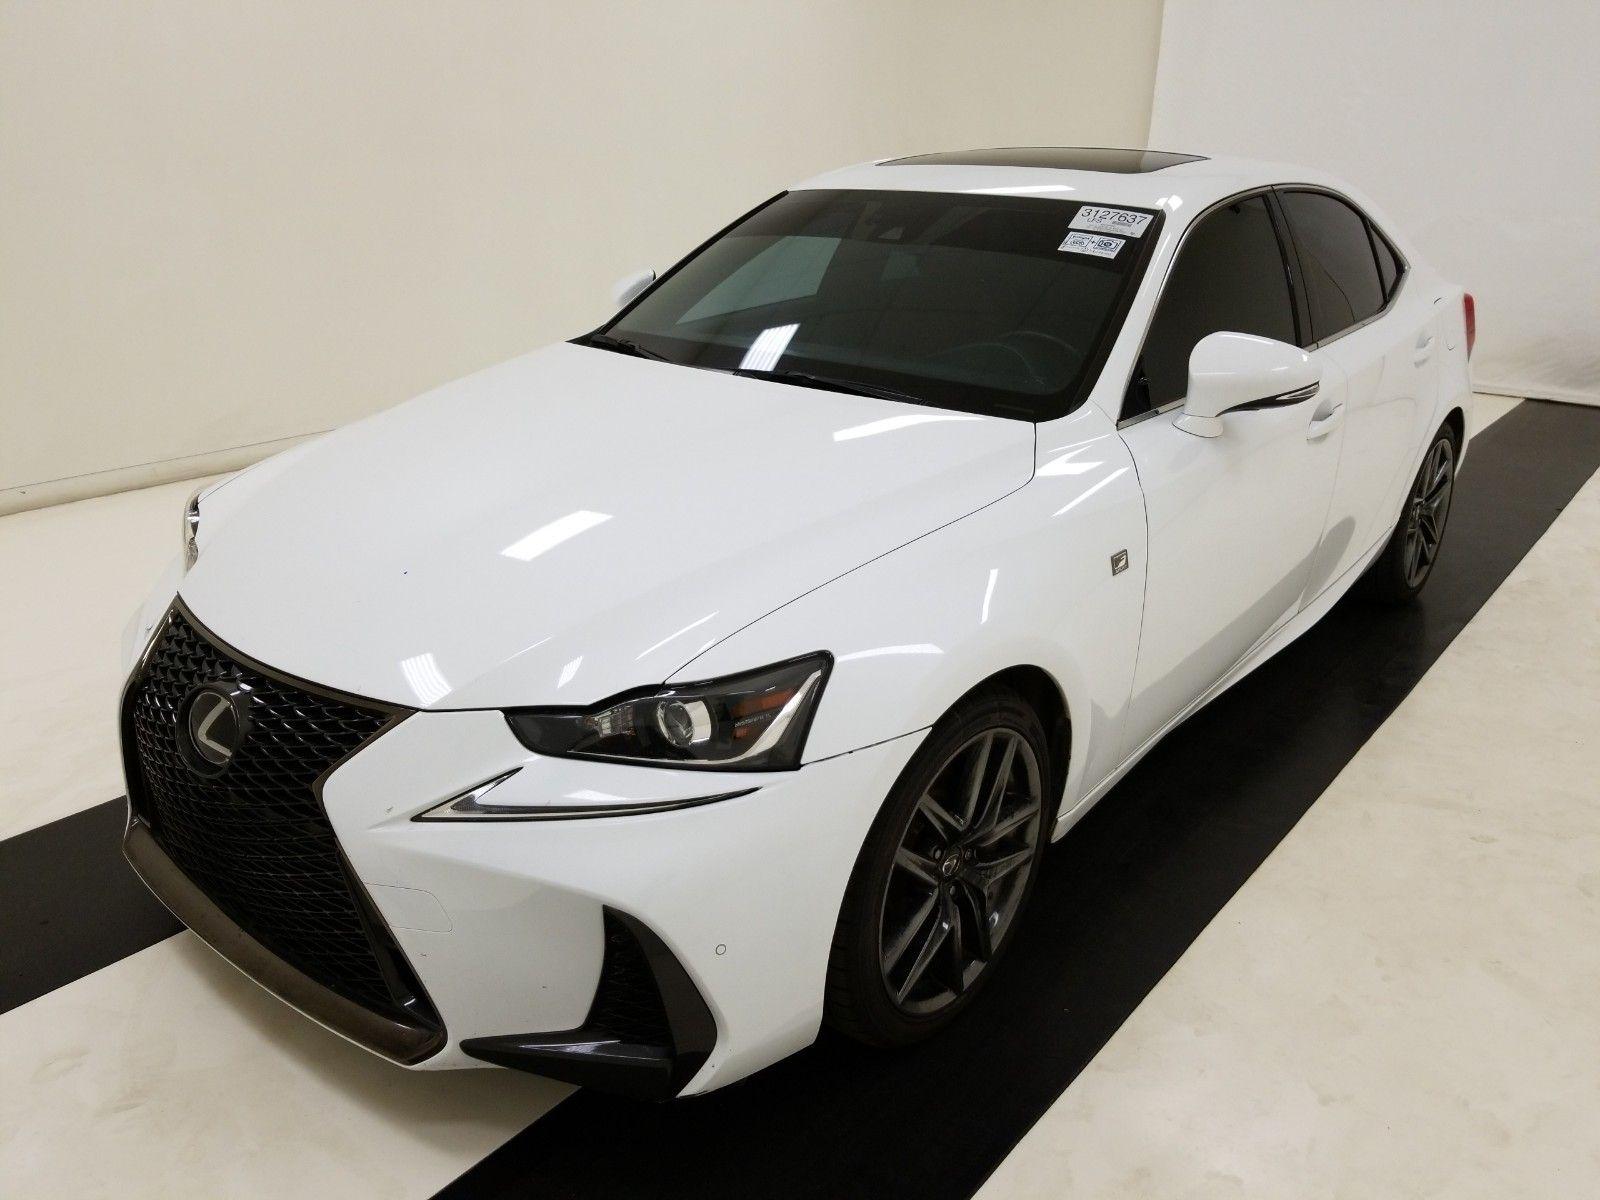 2018 Lexus Is 2.0. Lot 99913858285 Vin JTHBA1D2XJ5080322